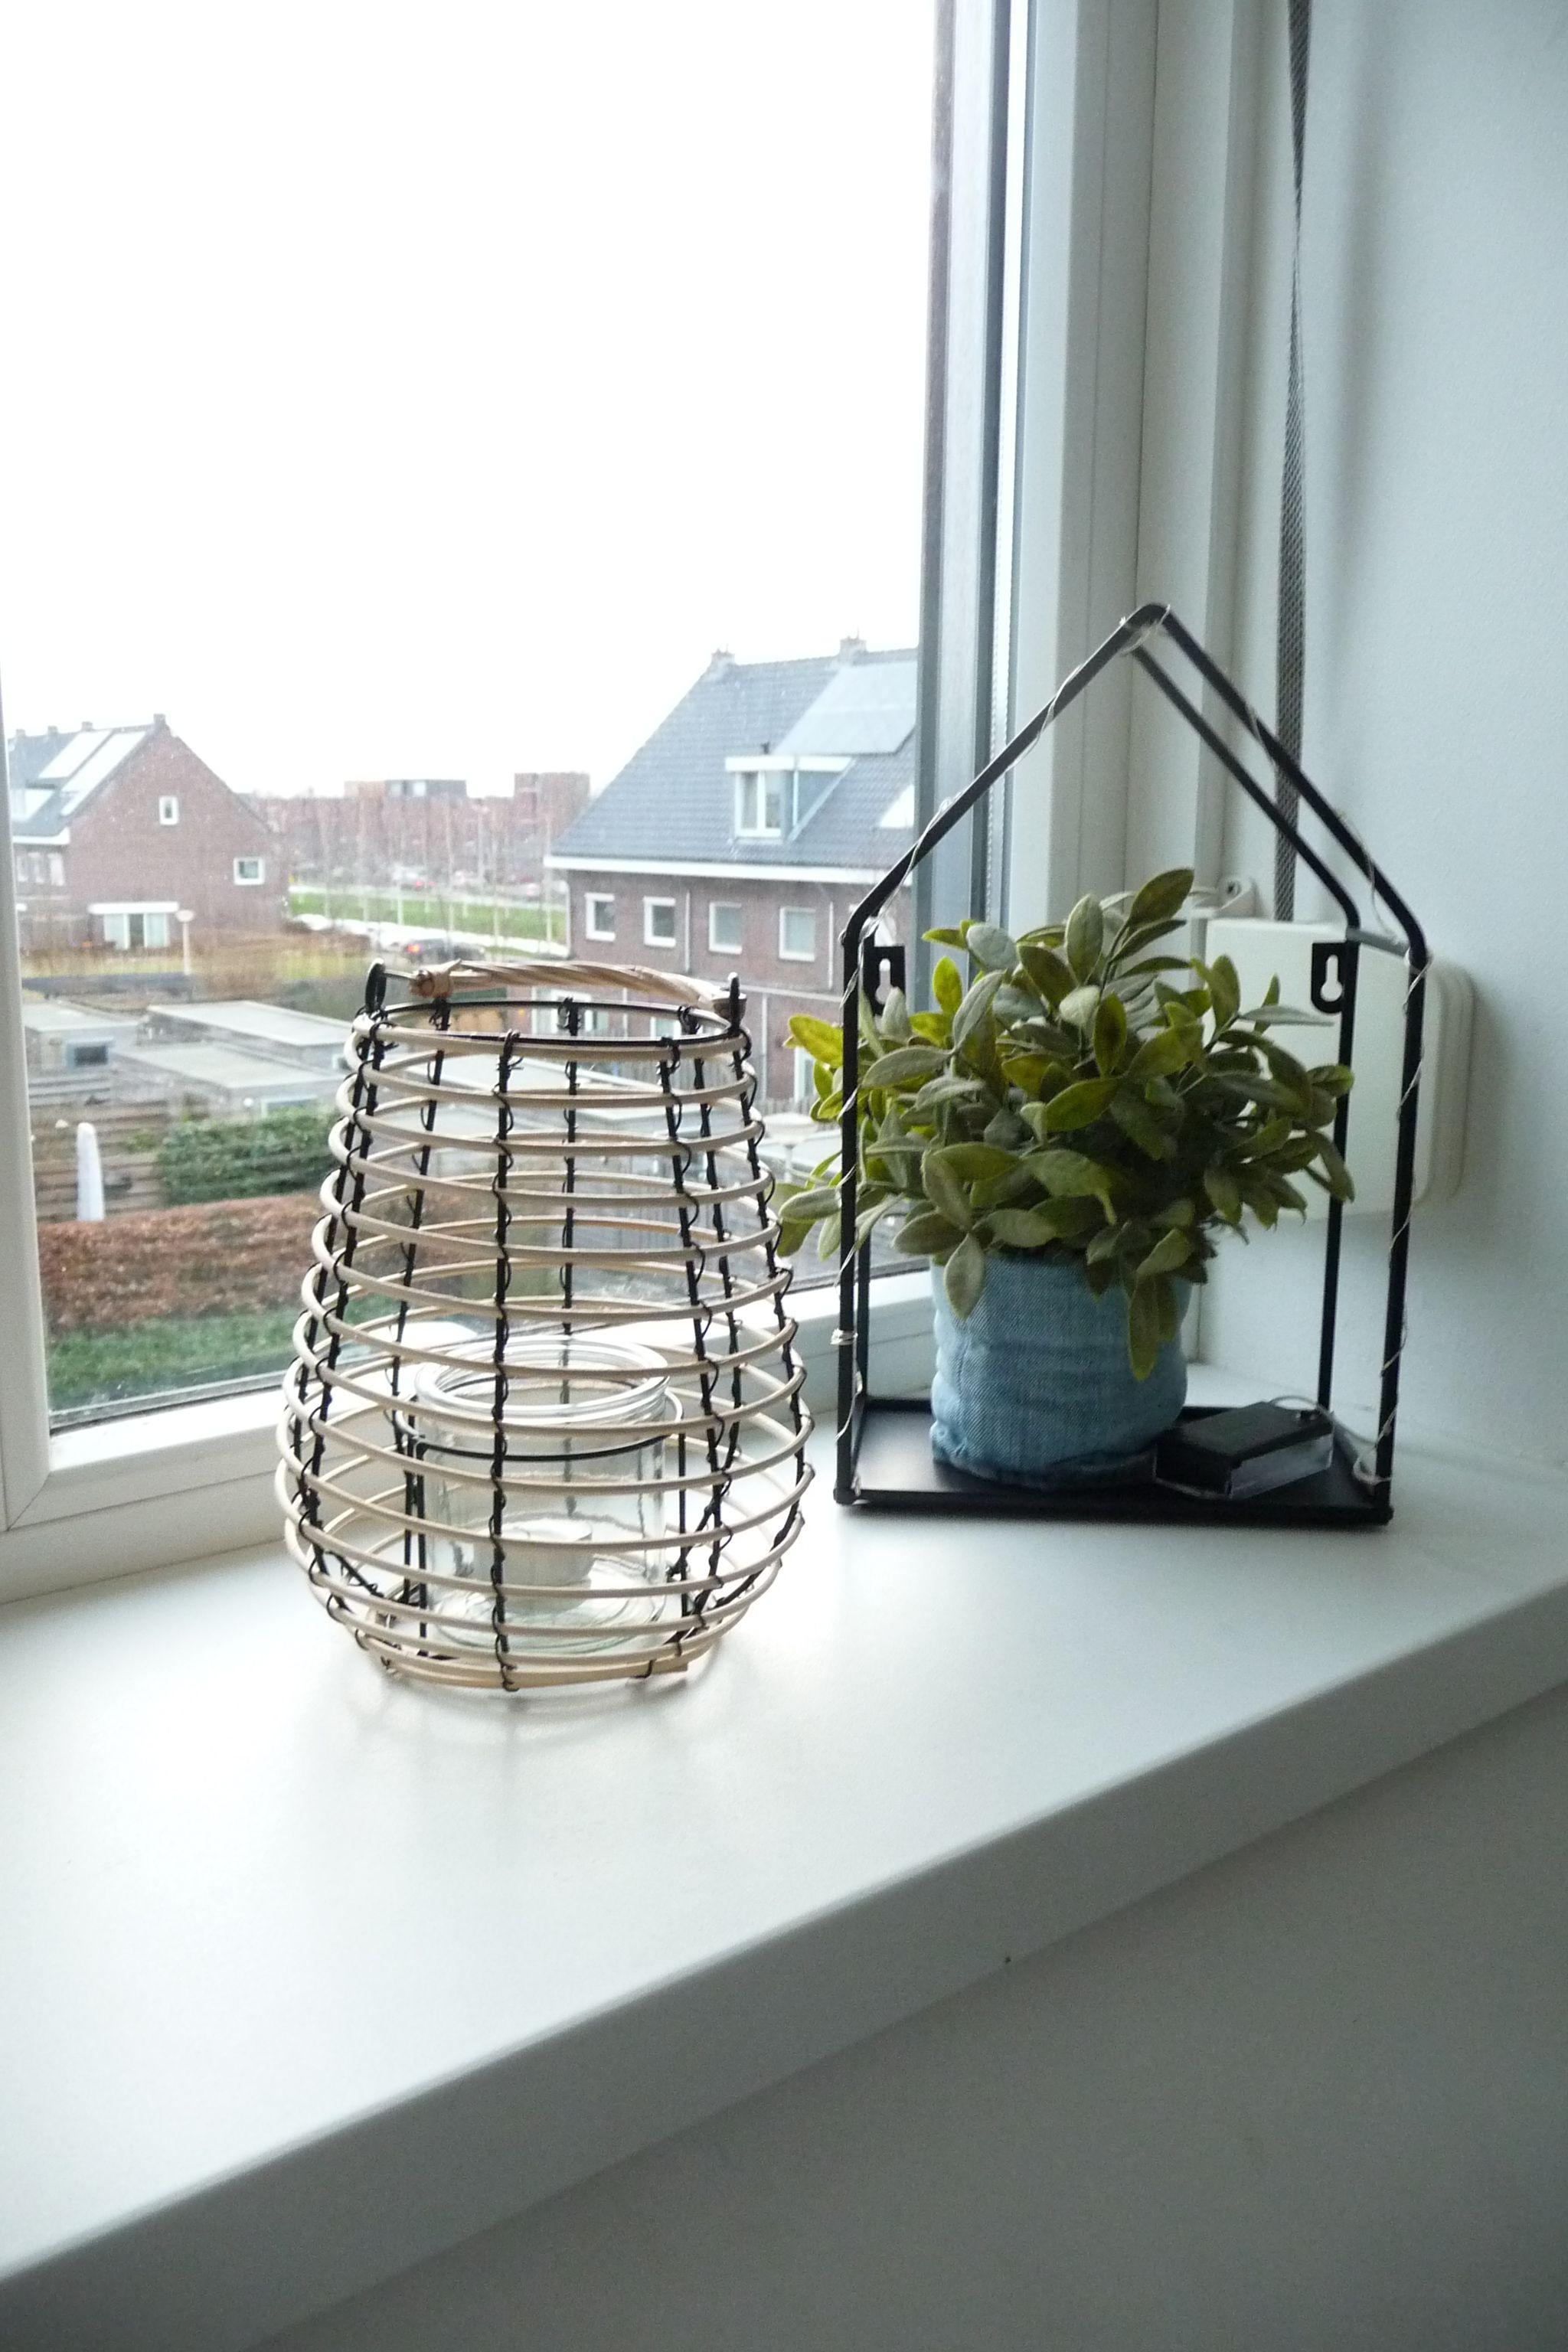 Windlamp Decoratie Venster Decoratie Huis Ideeen Decoratie Raamdecoratie